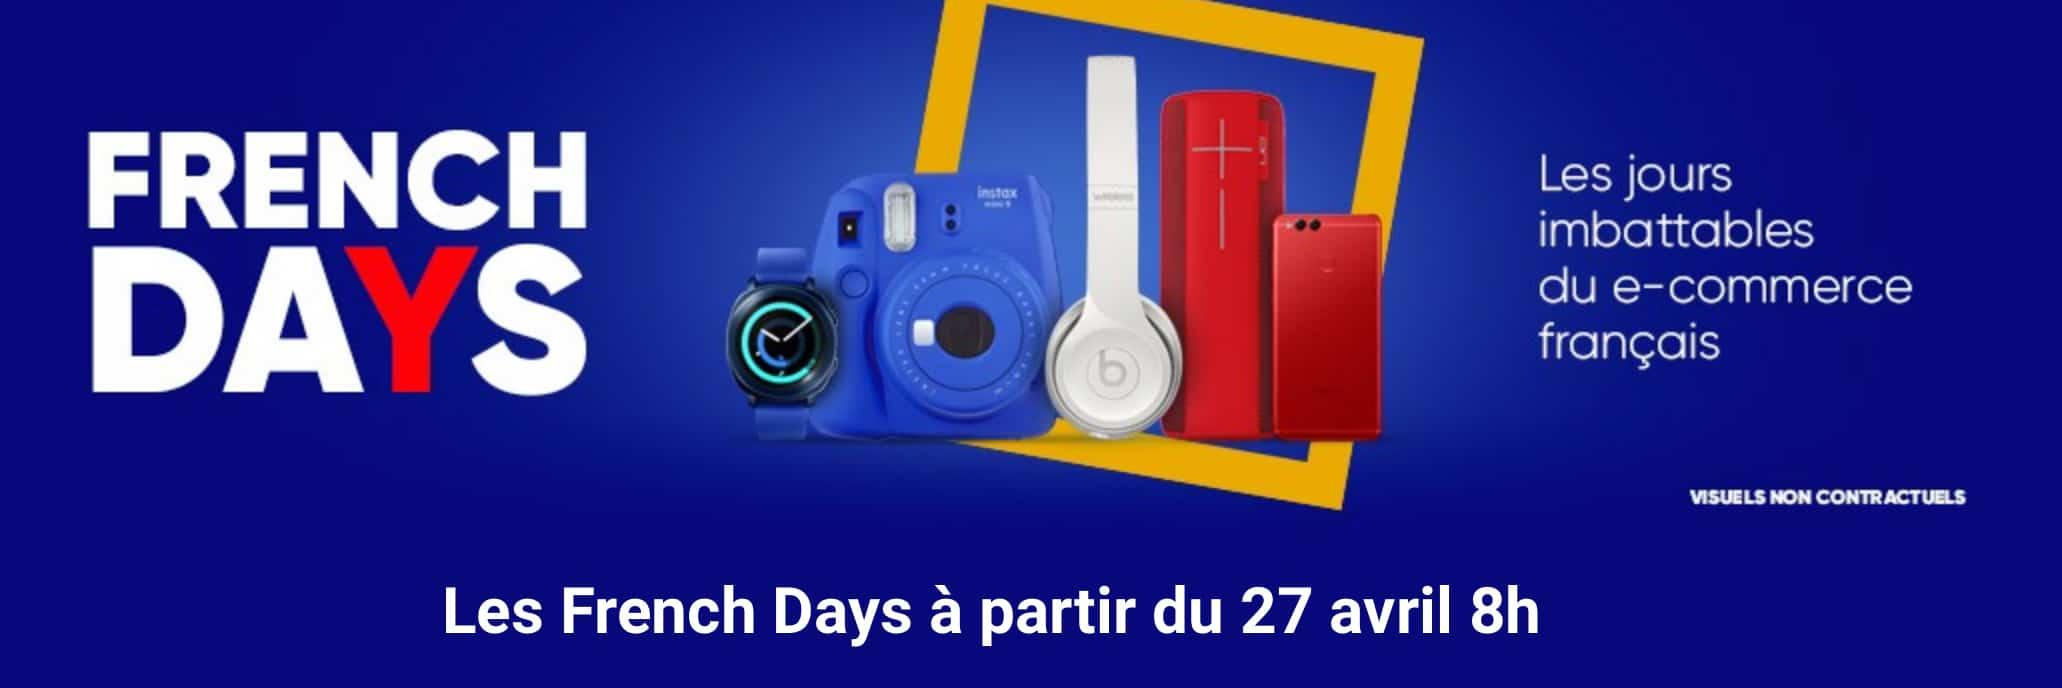 """<span class=""""toptagtitre"""">French Days FNAC ! </span>20% de remise immédiate sur les ordinateurs portables"""